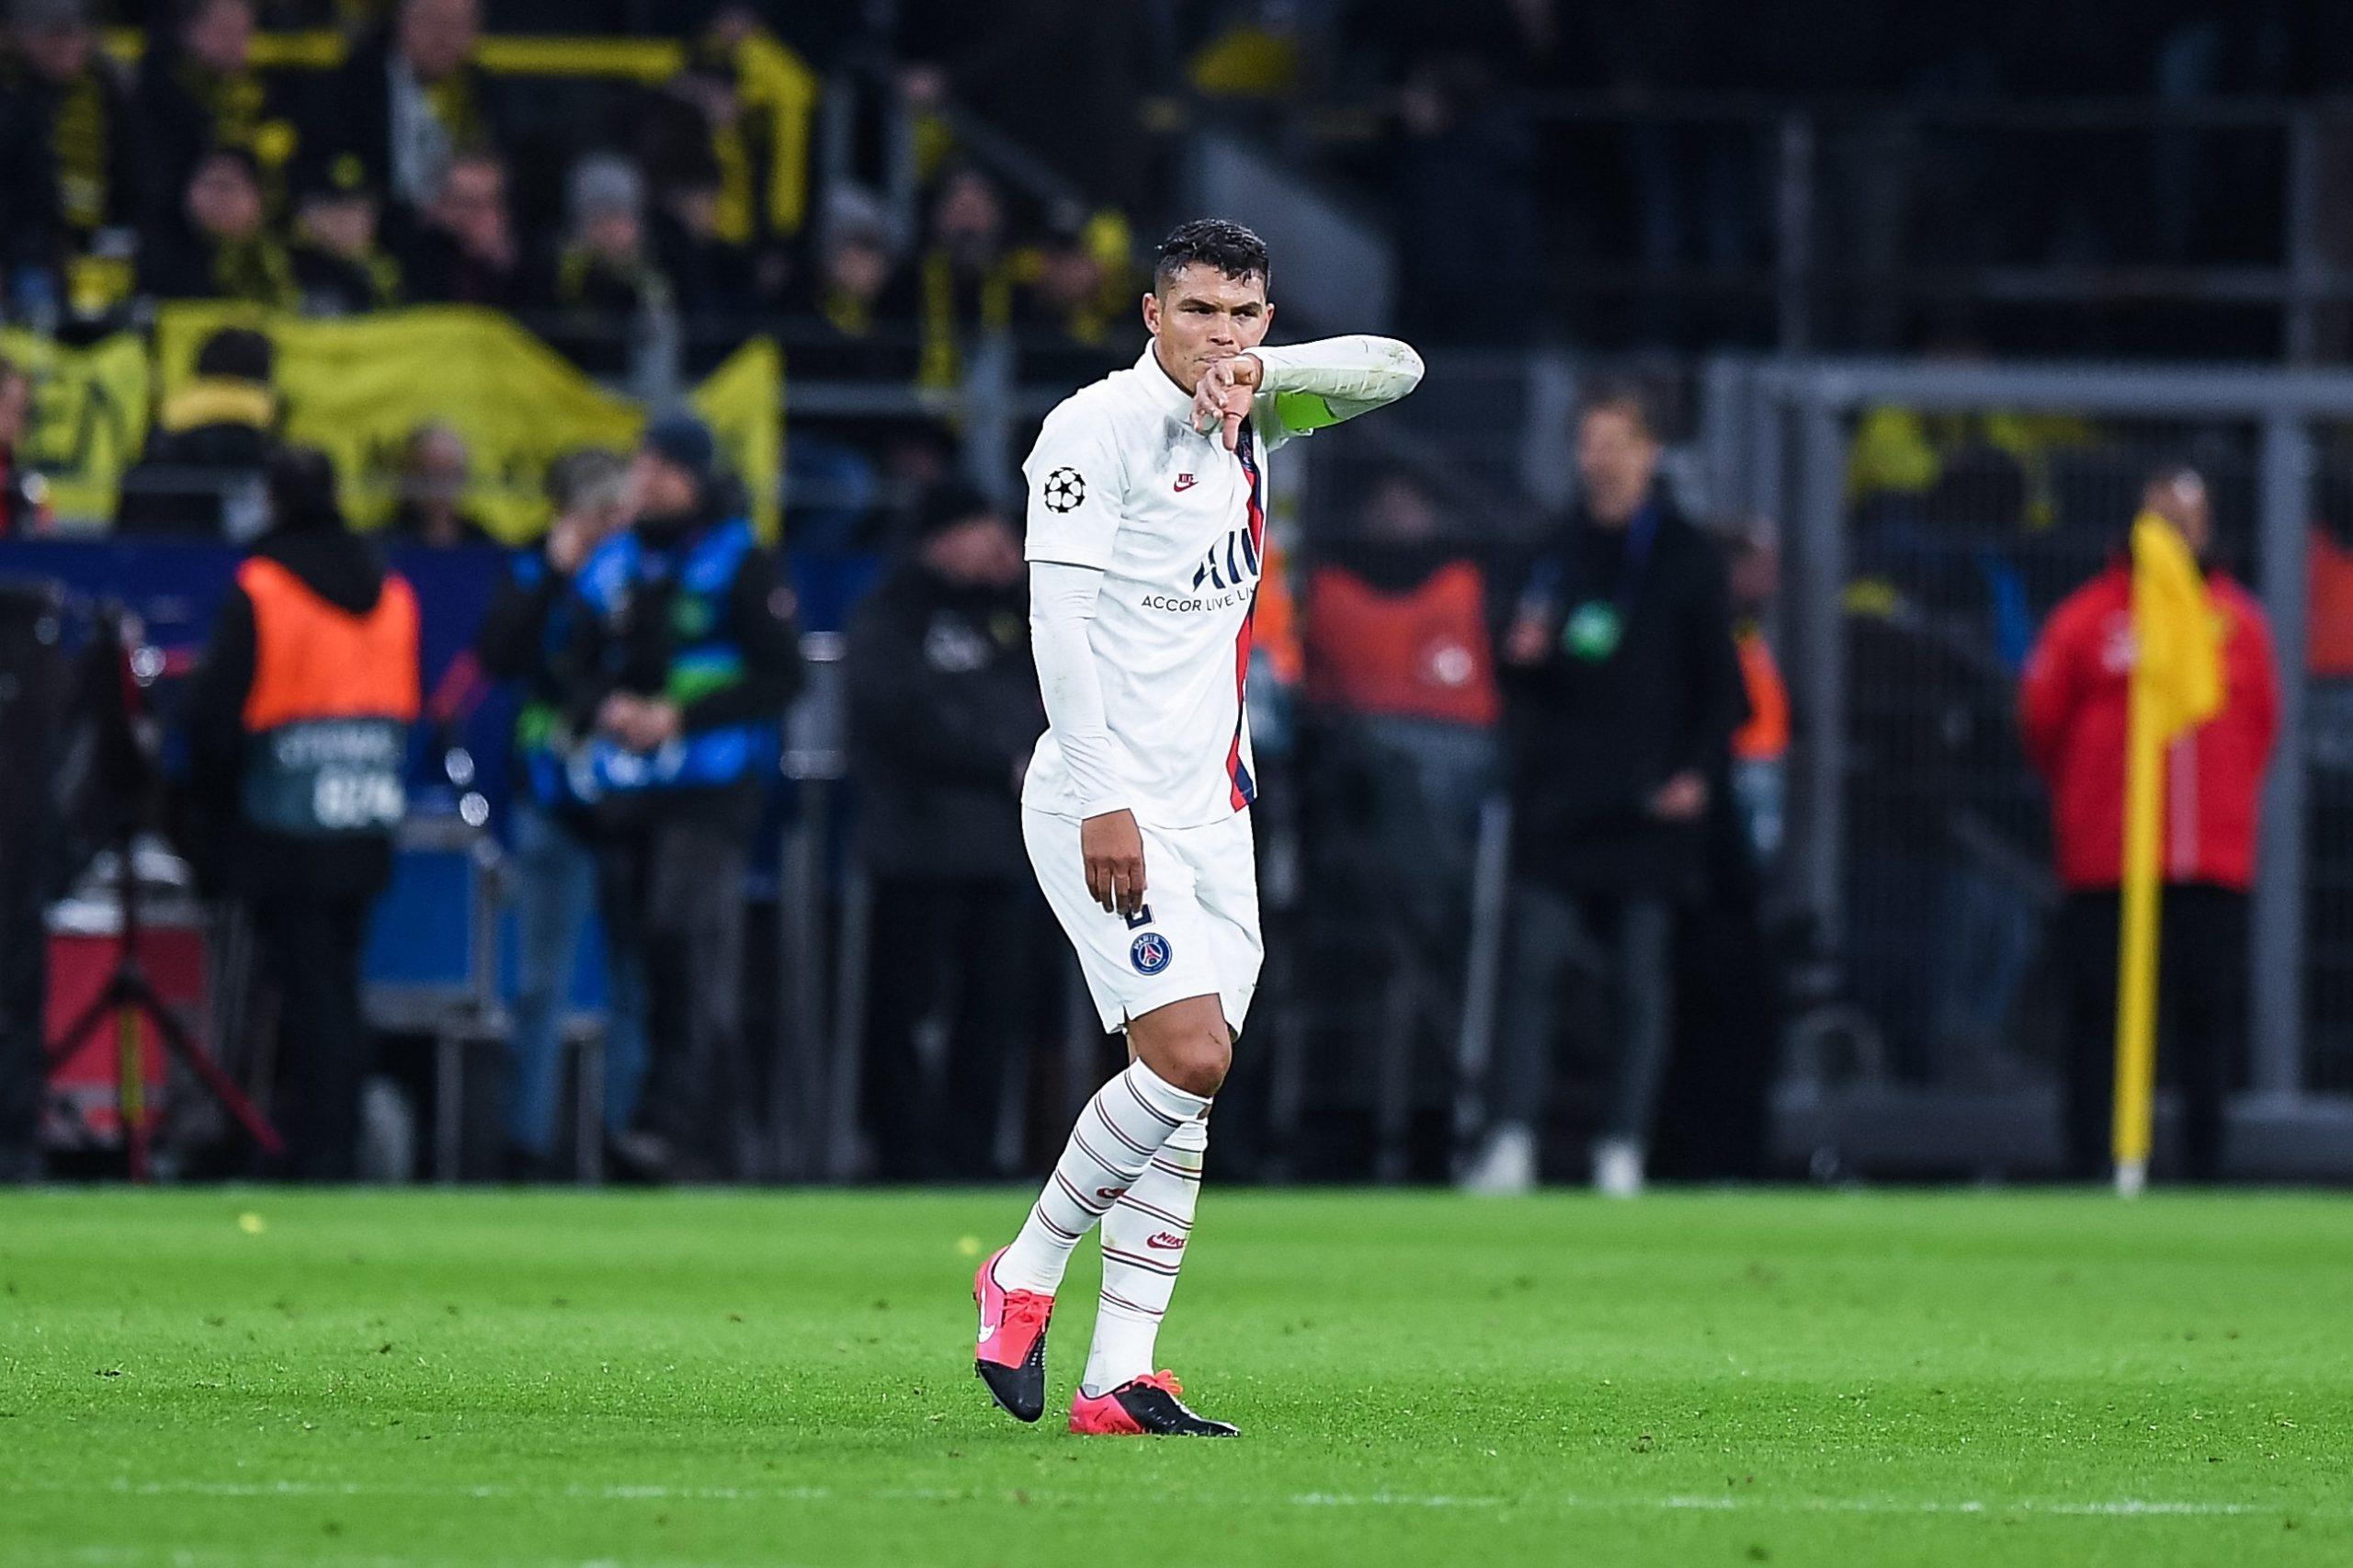 Mercato - Thiago Silva ne devrait pas rester au PSG, ni revenir à Fluminense d'après Le Parisien